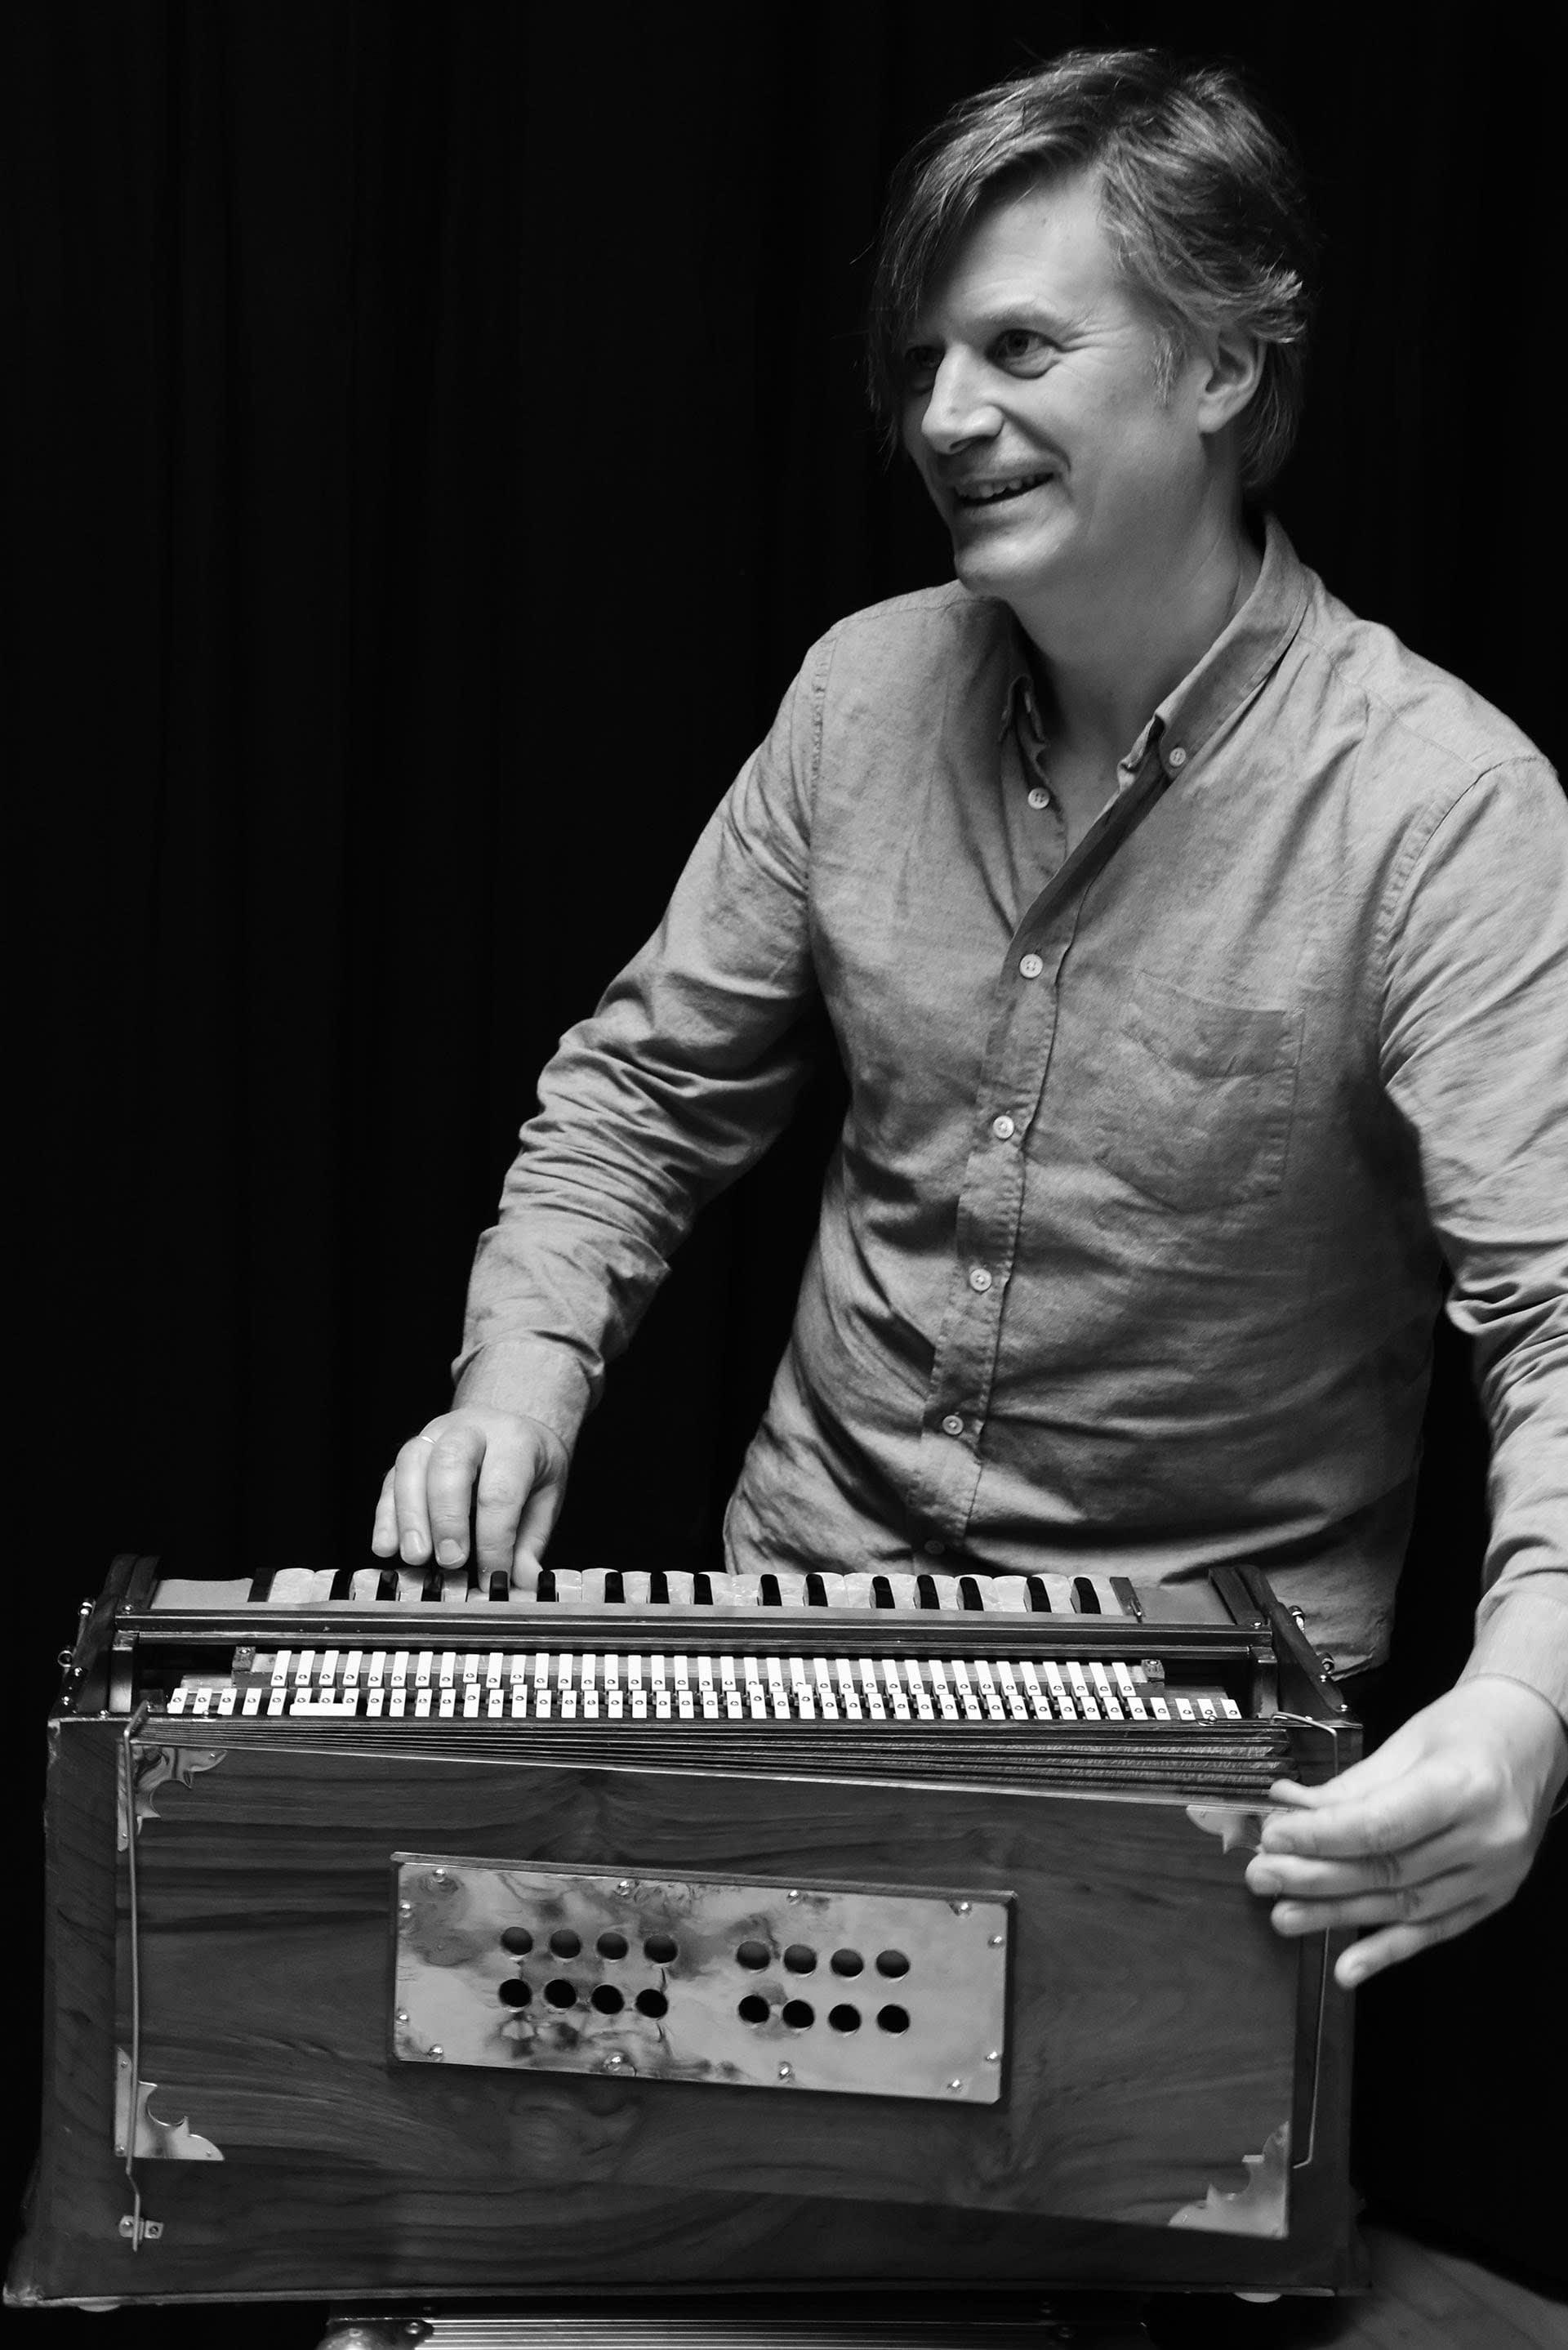 Hans Knut Sveen of Barokksolistene